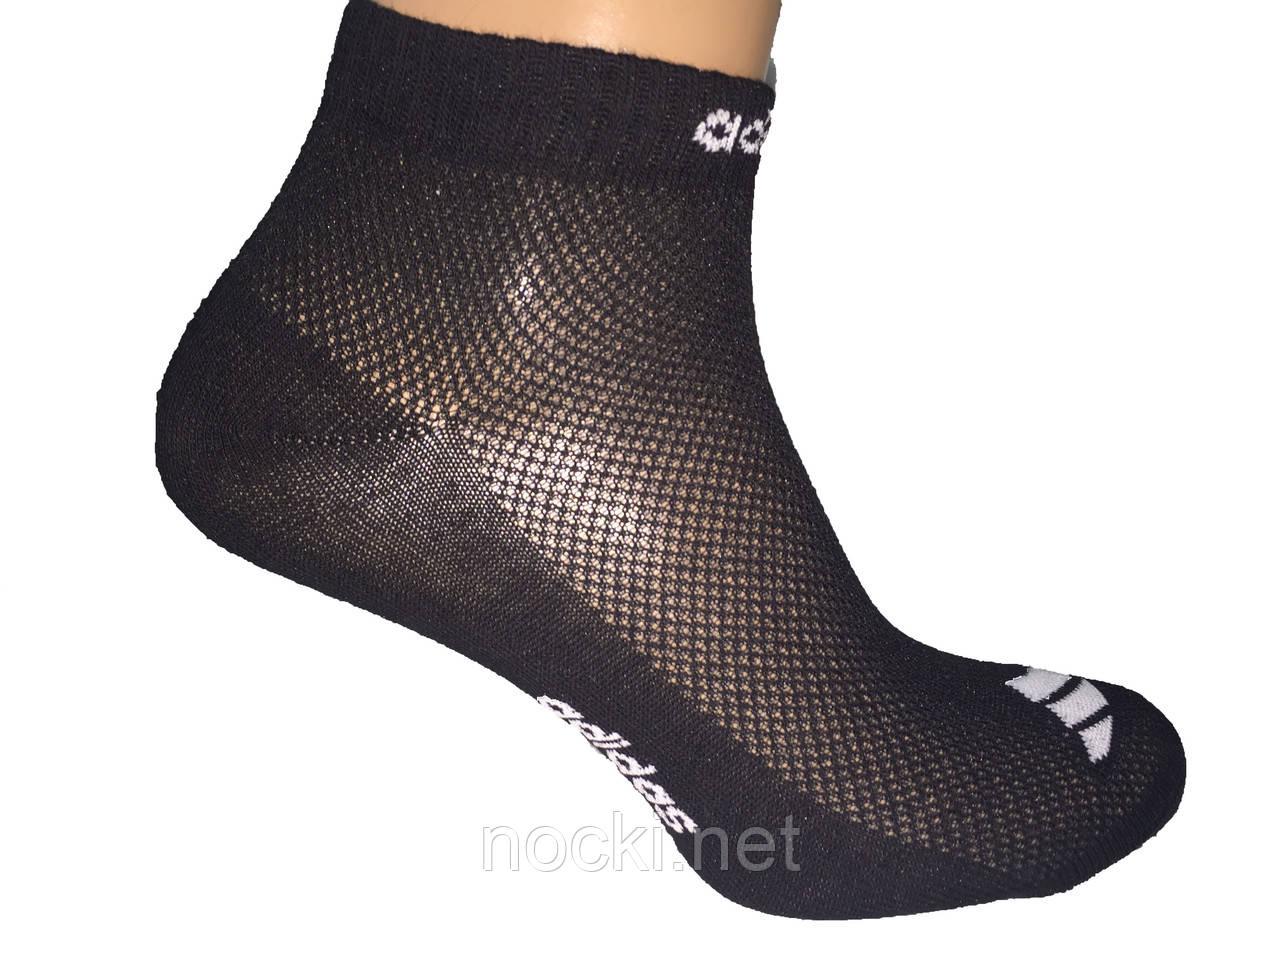 0d55de3e8b7c Носки мужские короткие сетка спорт Adidas пр-во Турция